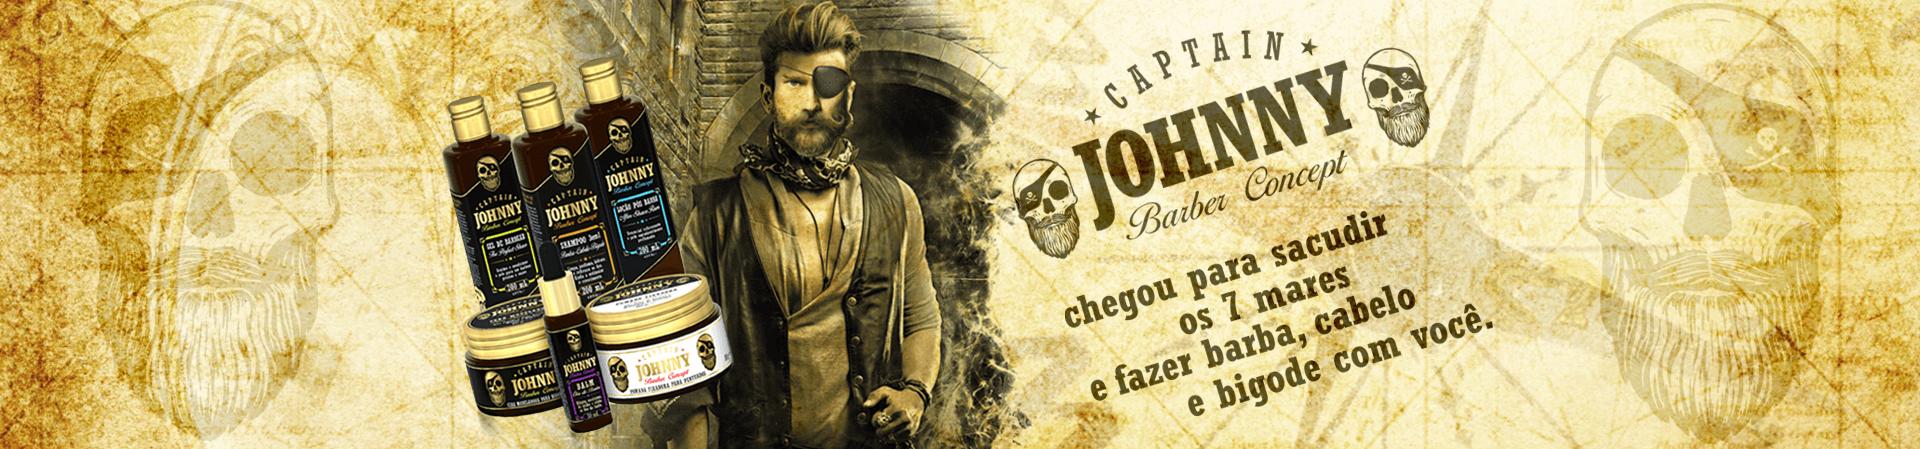 Fullbanner Captain Johnny